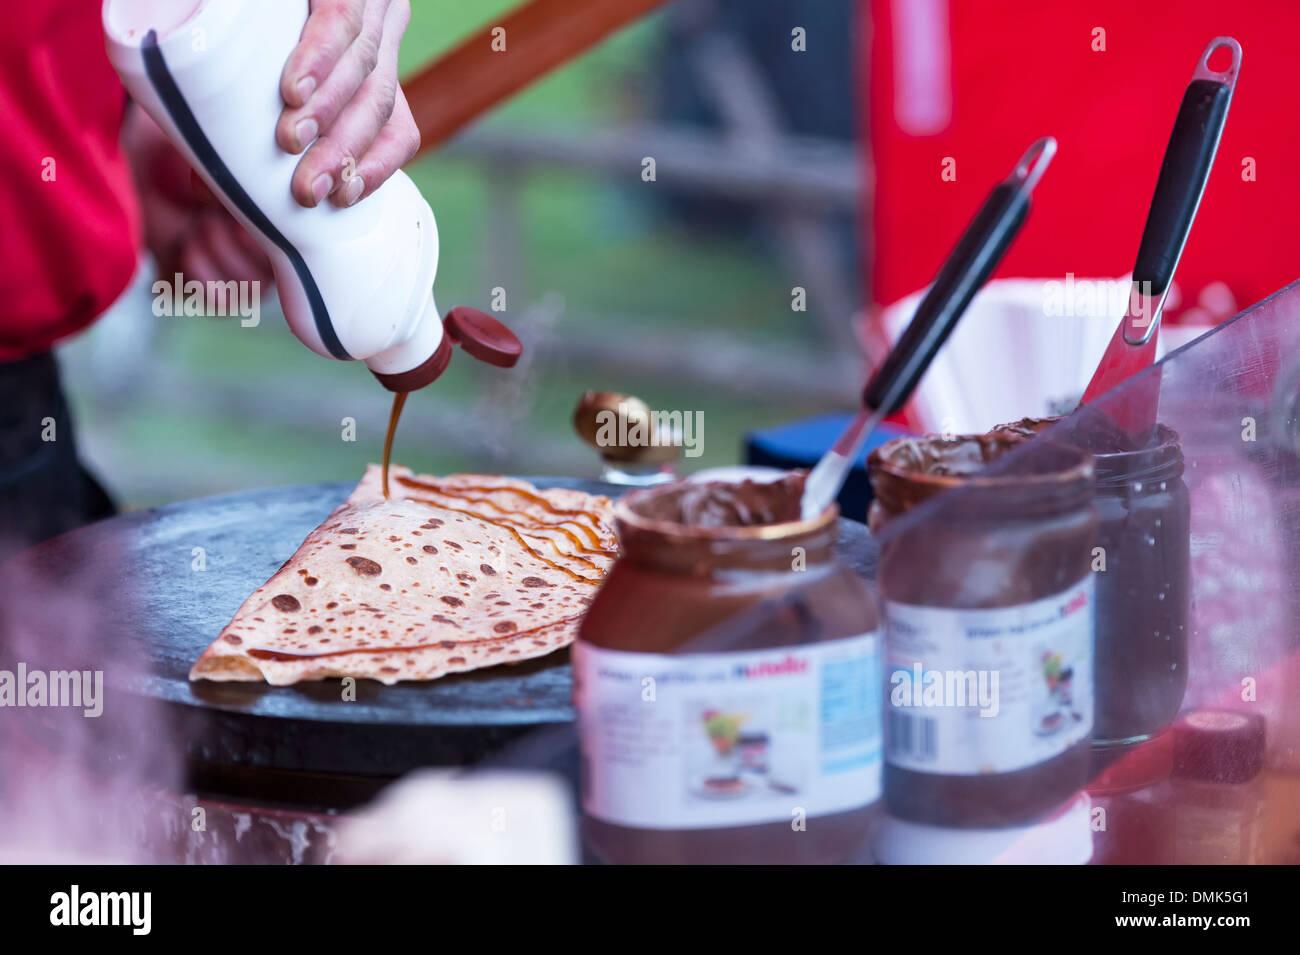 Un maschio di mano di sciroppo di colata sulla crêpe dolce frittella che vengono realizzati e venduti in una creperia da asporto di stallo del mercato stand commerciali Immagini Stock